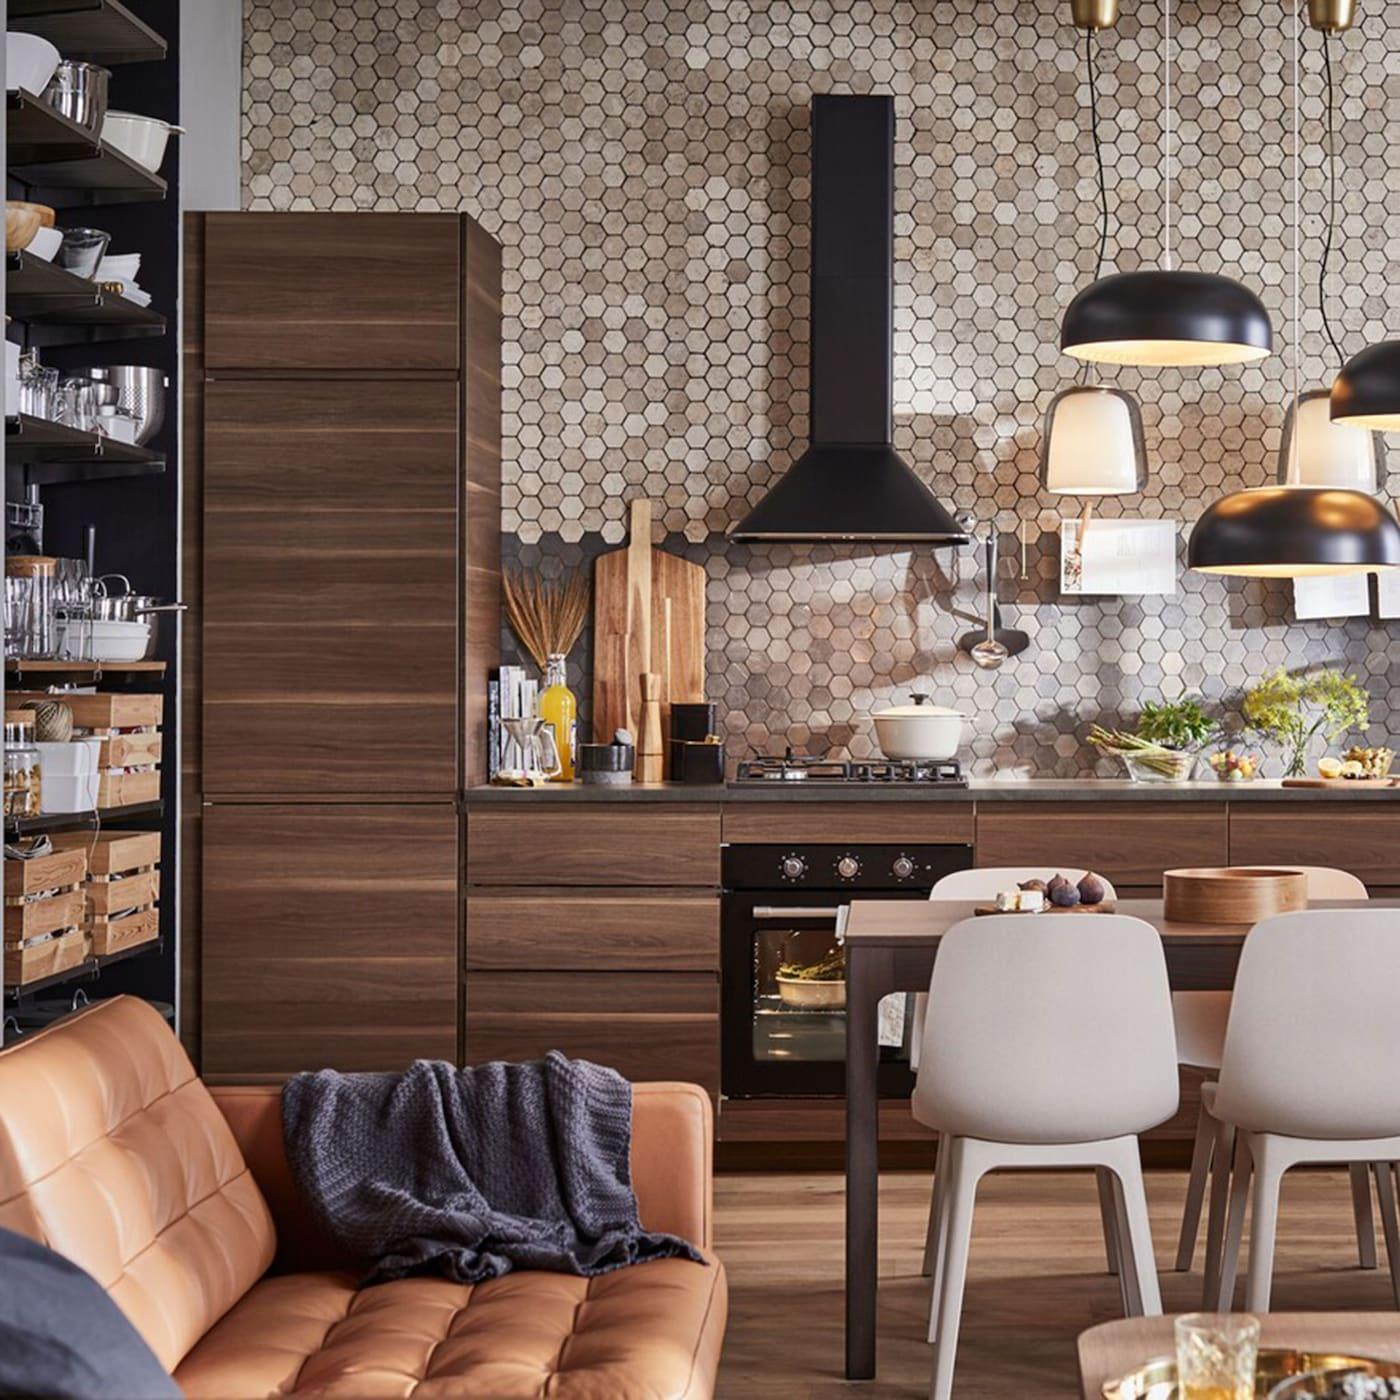 Top Cucina Ikea Prezzi kitchen gallery - ikea switzerland